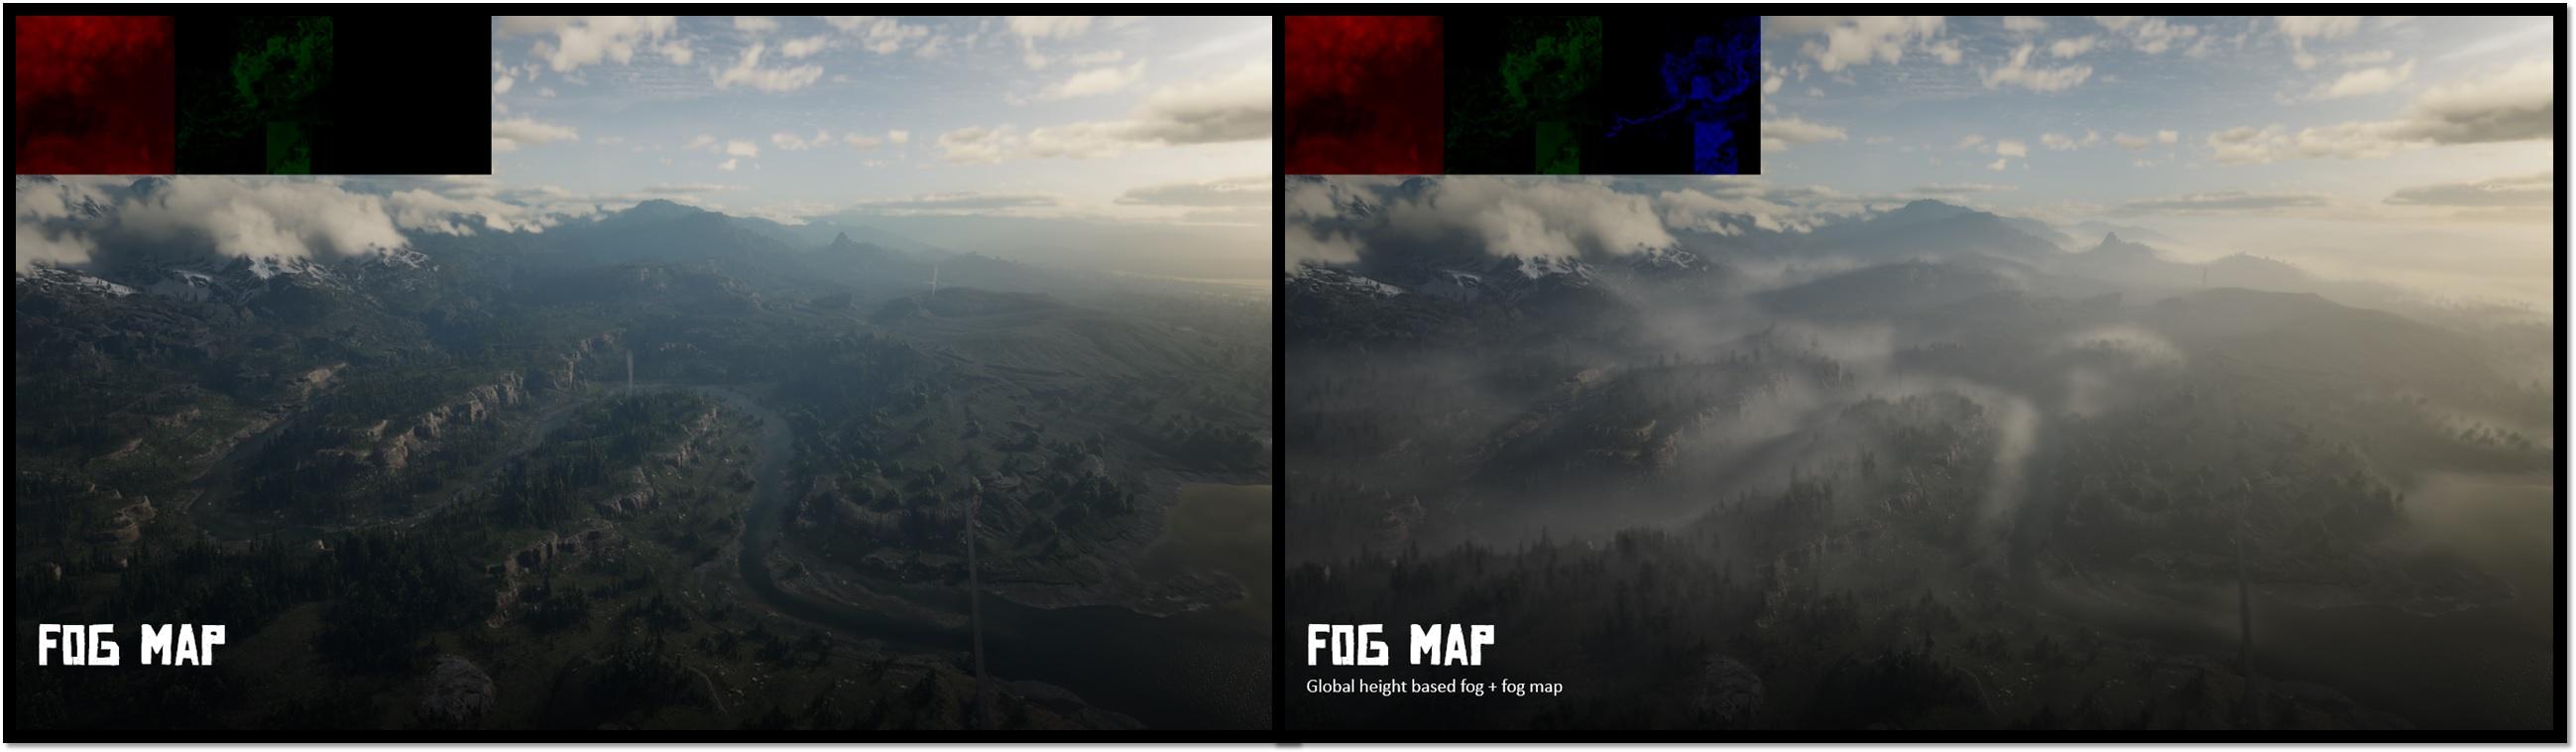 Fog Map